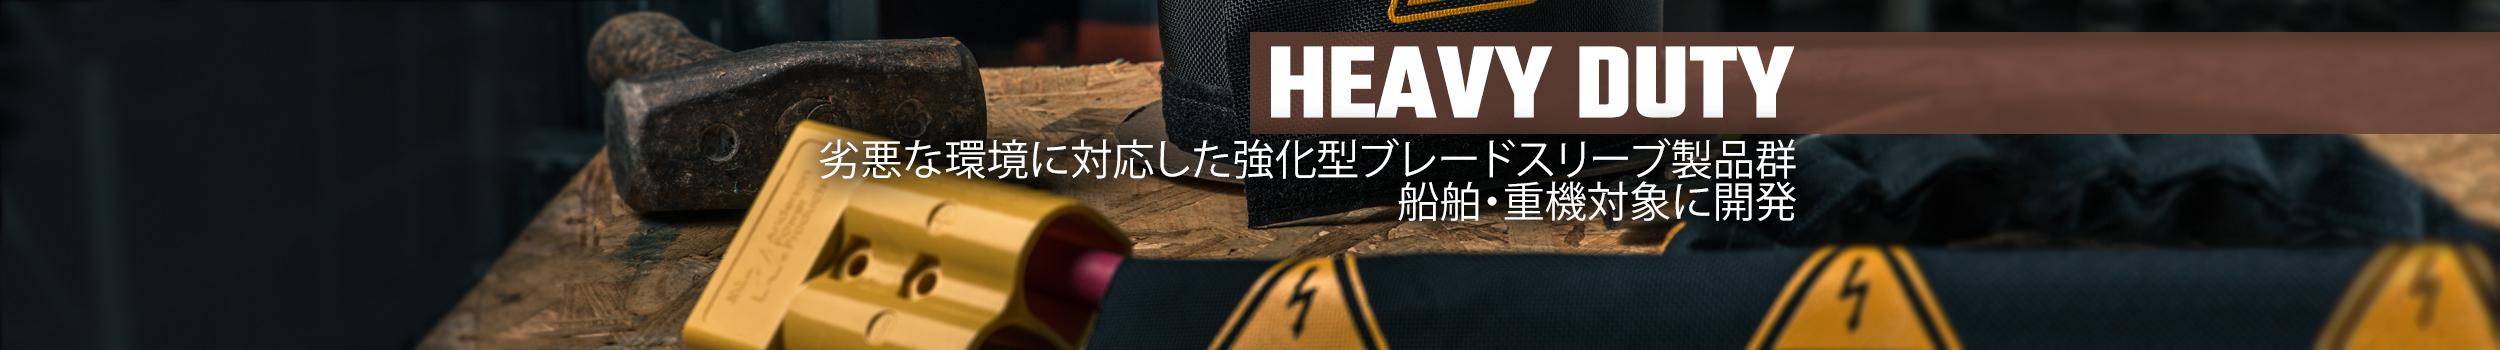 Heavy duty banner jp